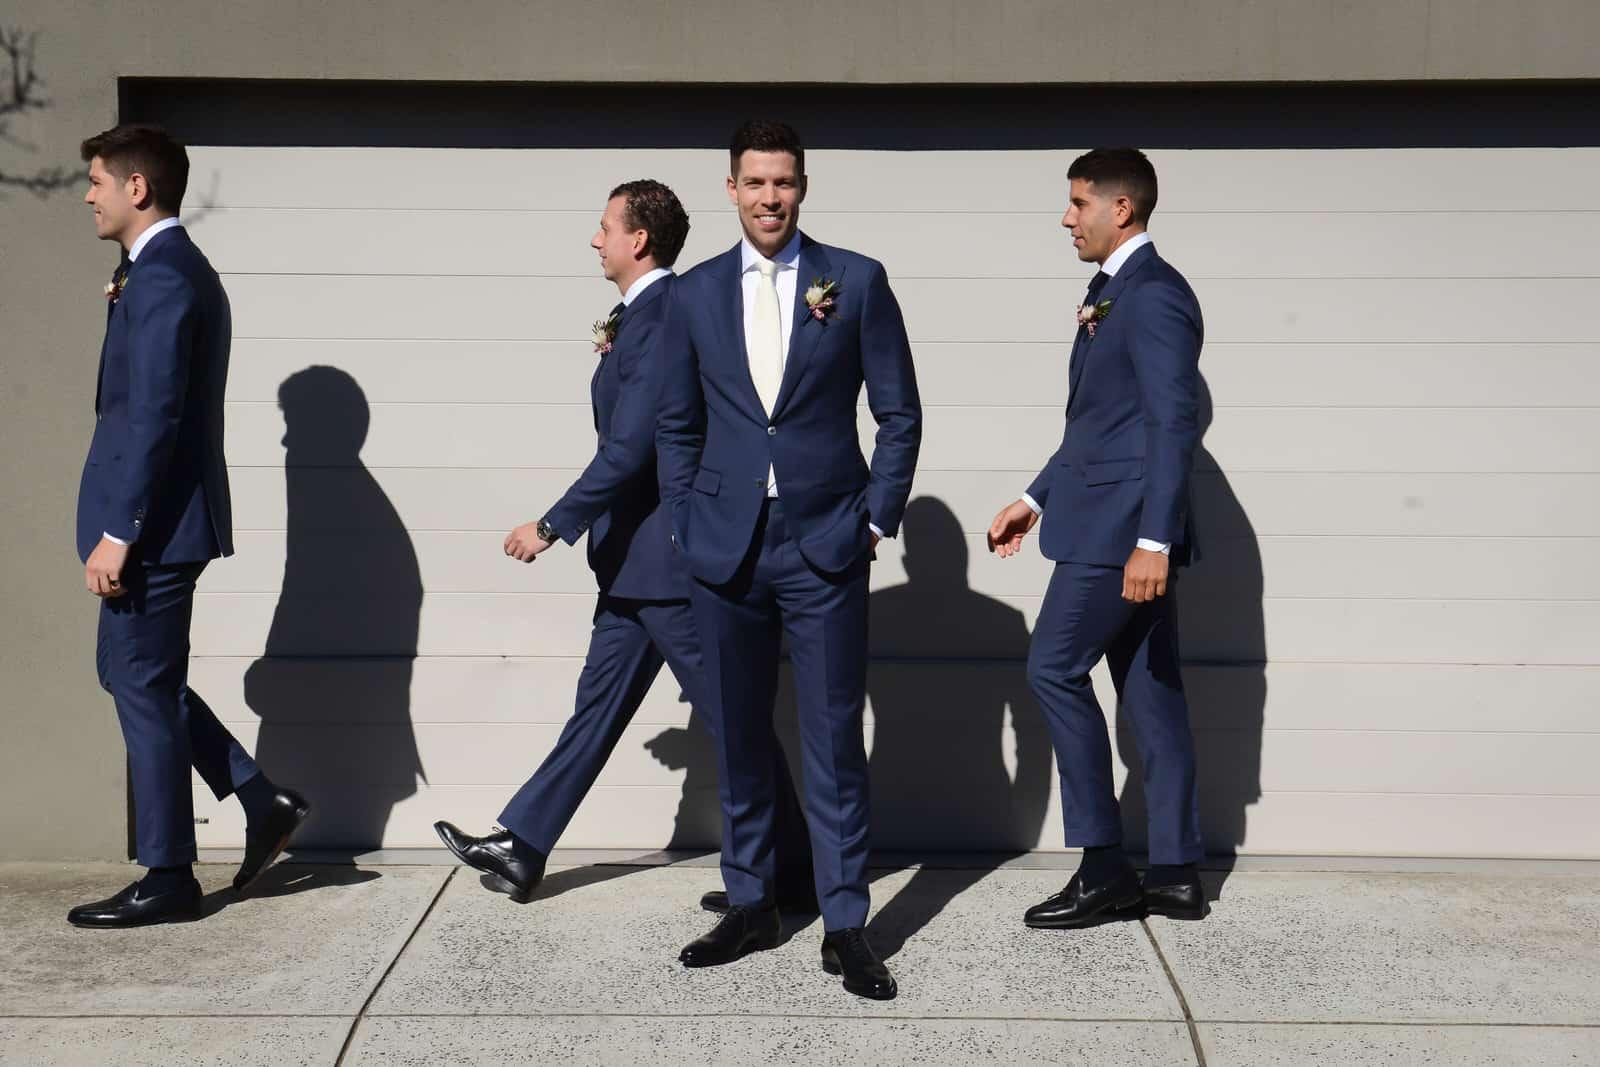 Emily Simms Melbourne Wedding Photos Groomsmen